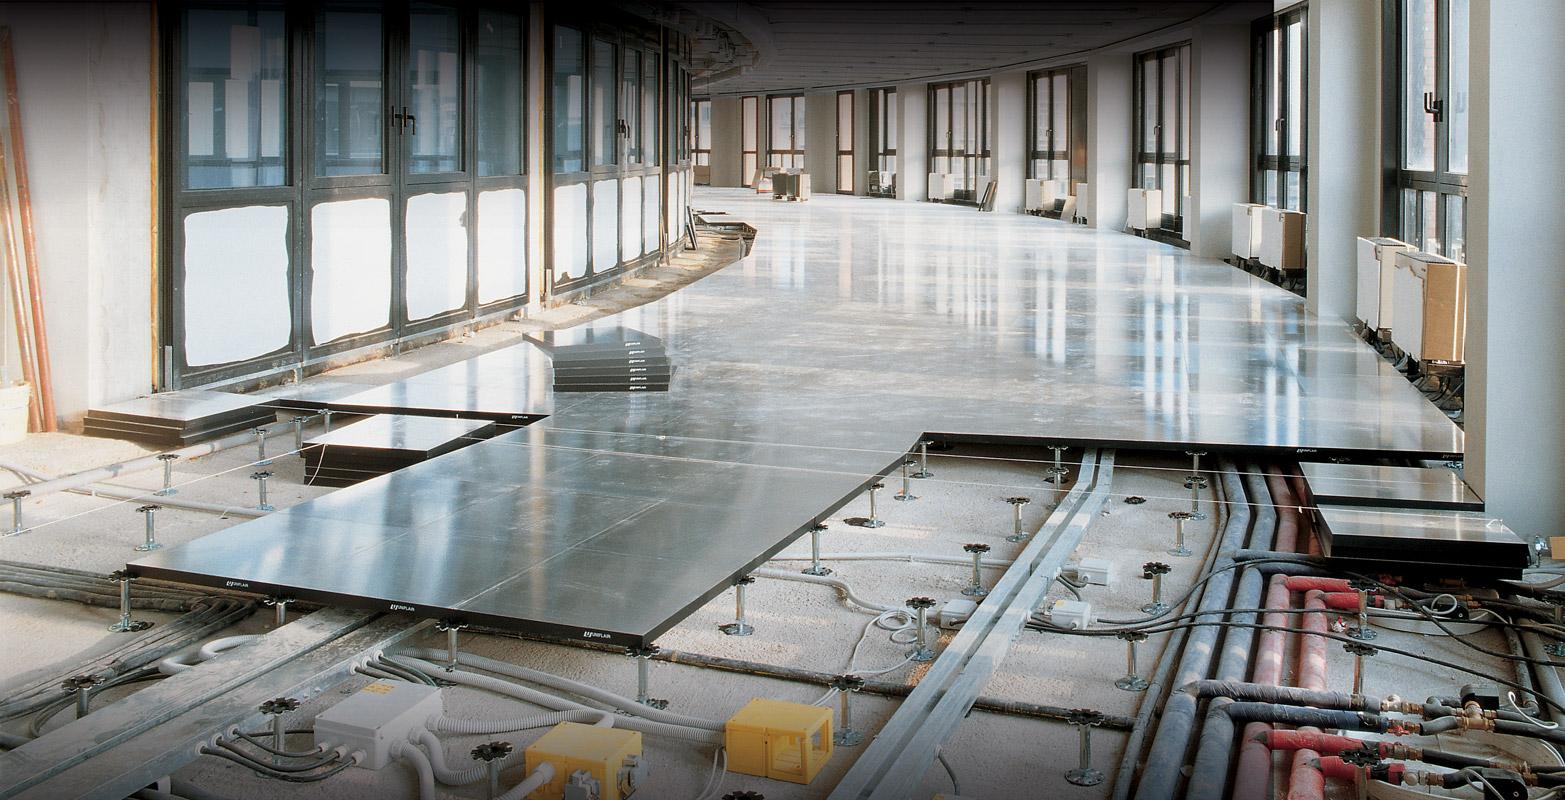 Installazione e manutenzione pavimento flottante - Pavimento flottante esterno ...